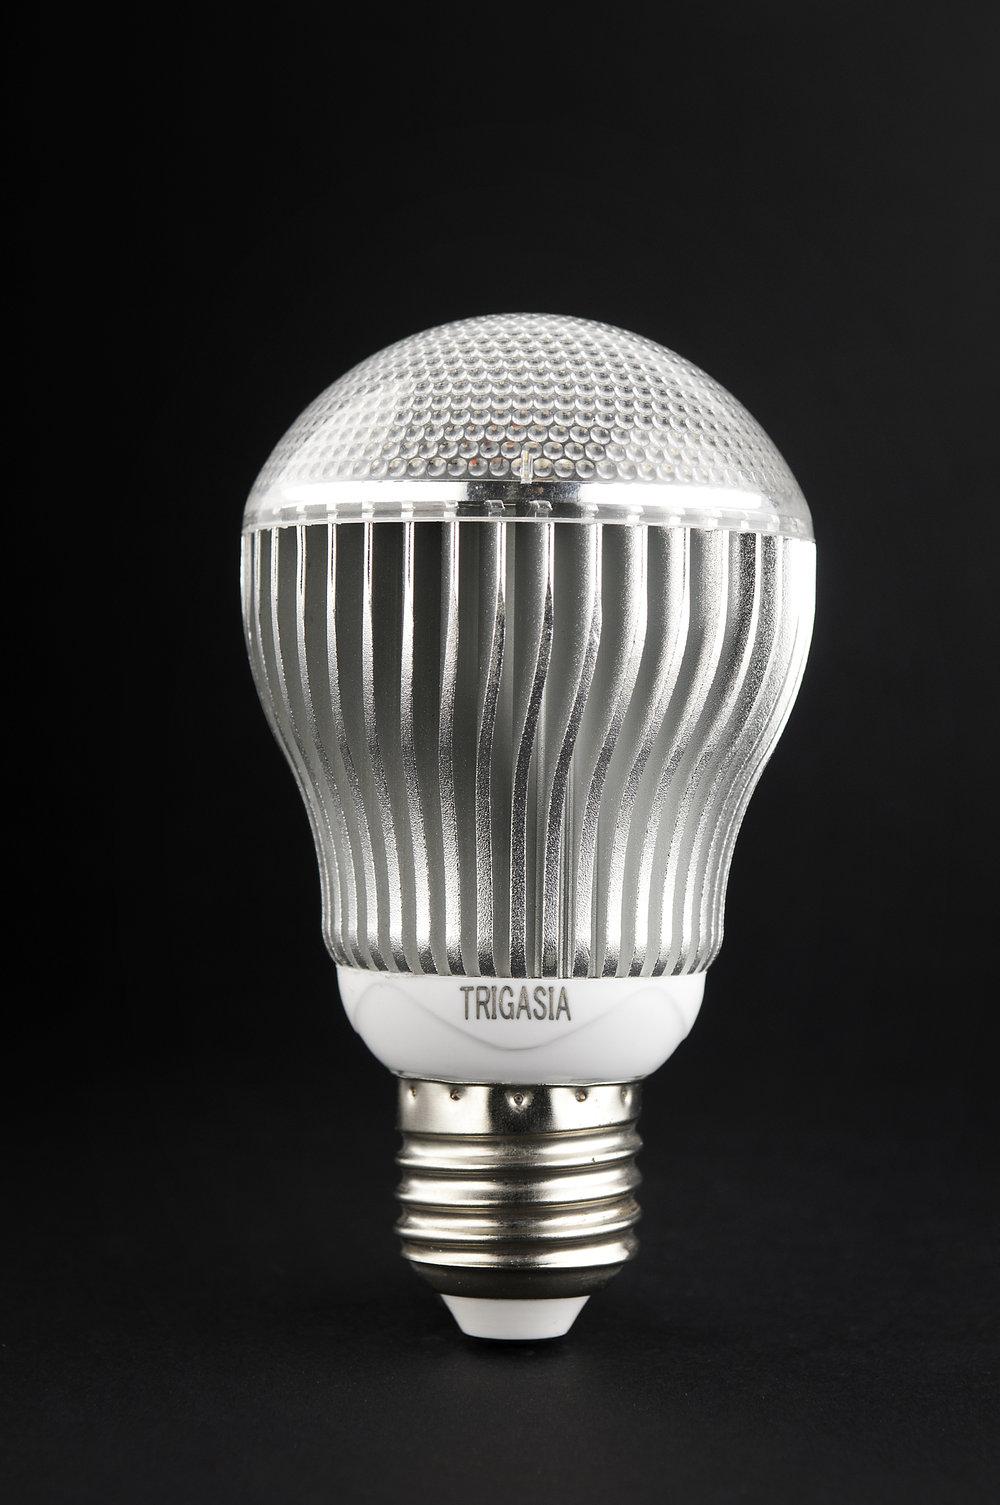 SERIE TG LED Bombilla Cuerpo Aluminio, óptica policarbonato Transparente E27 5x5W